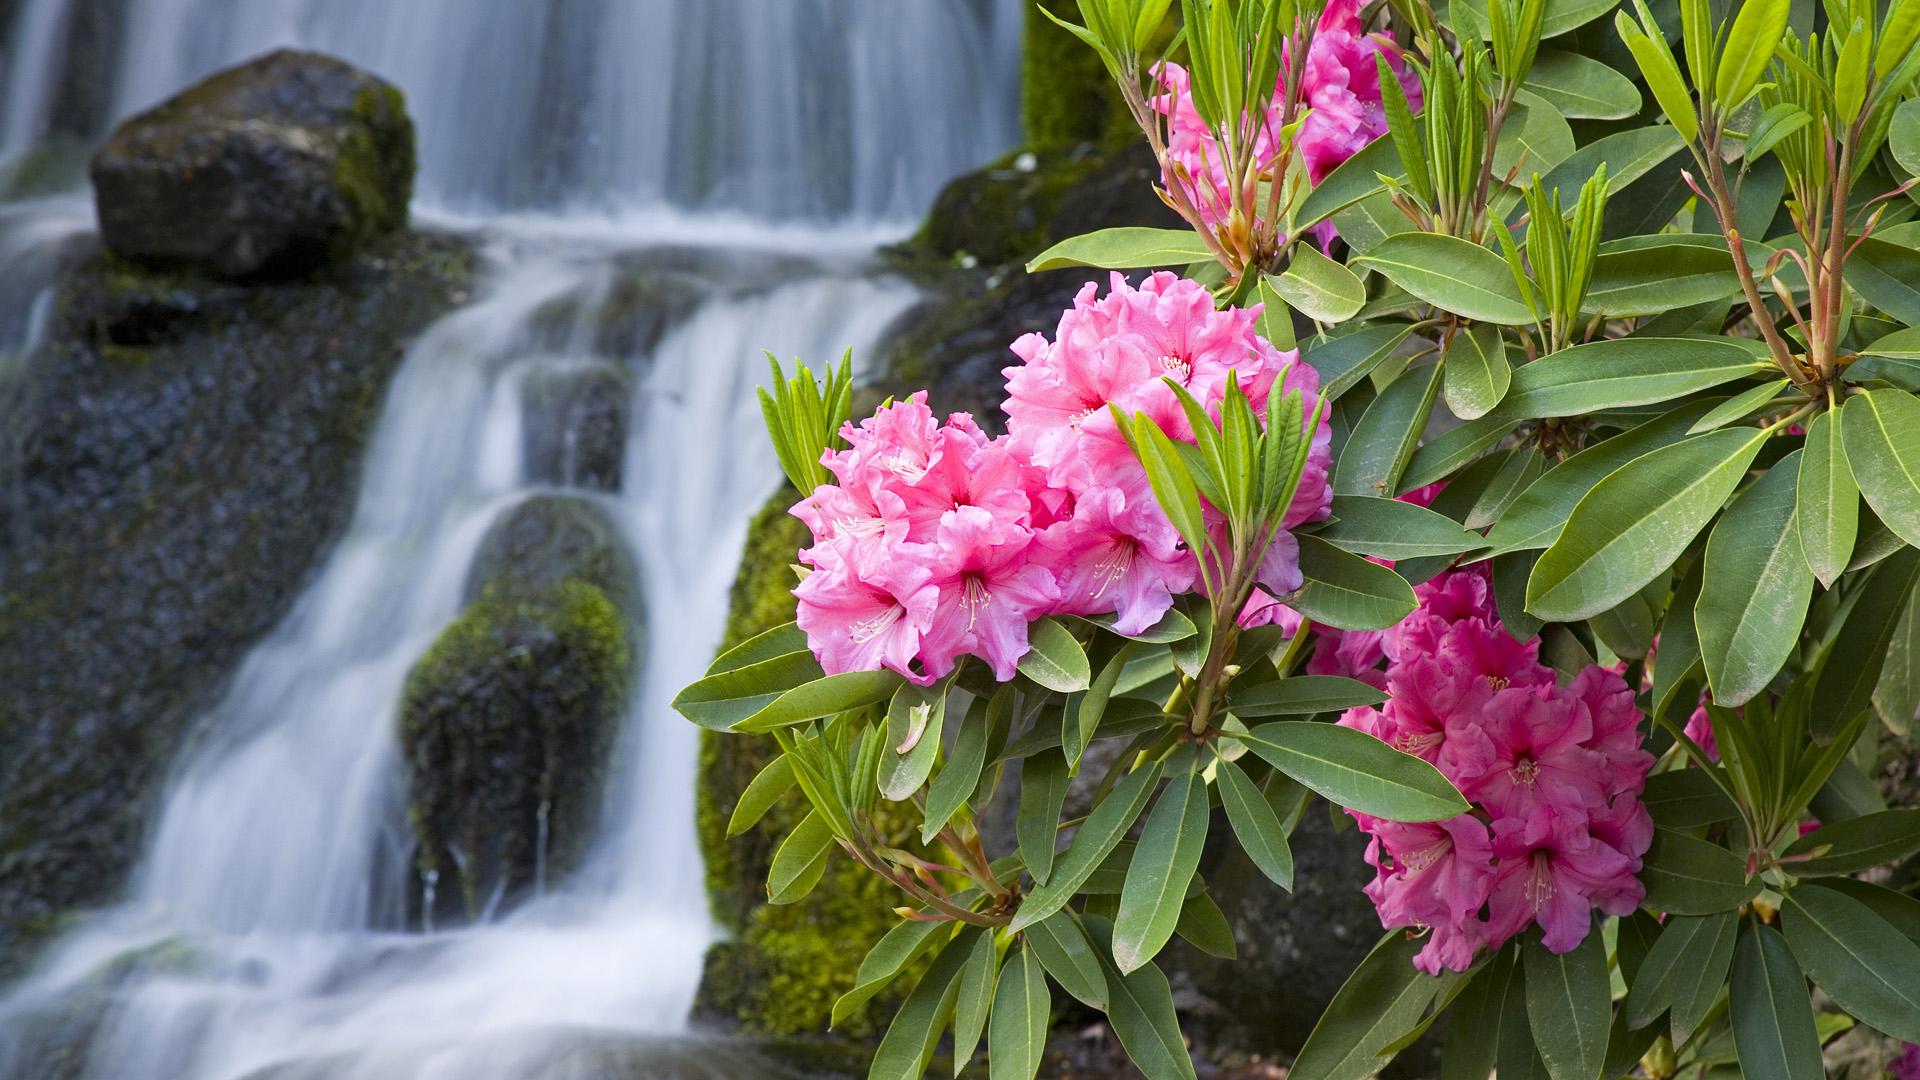 Hình ảnh hoa mùa xuân bên thác nước đẹp